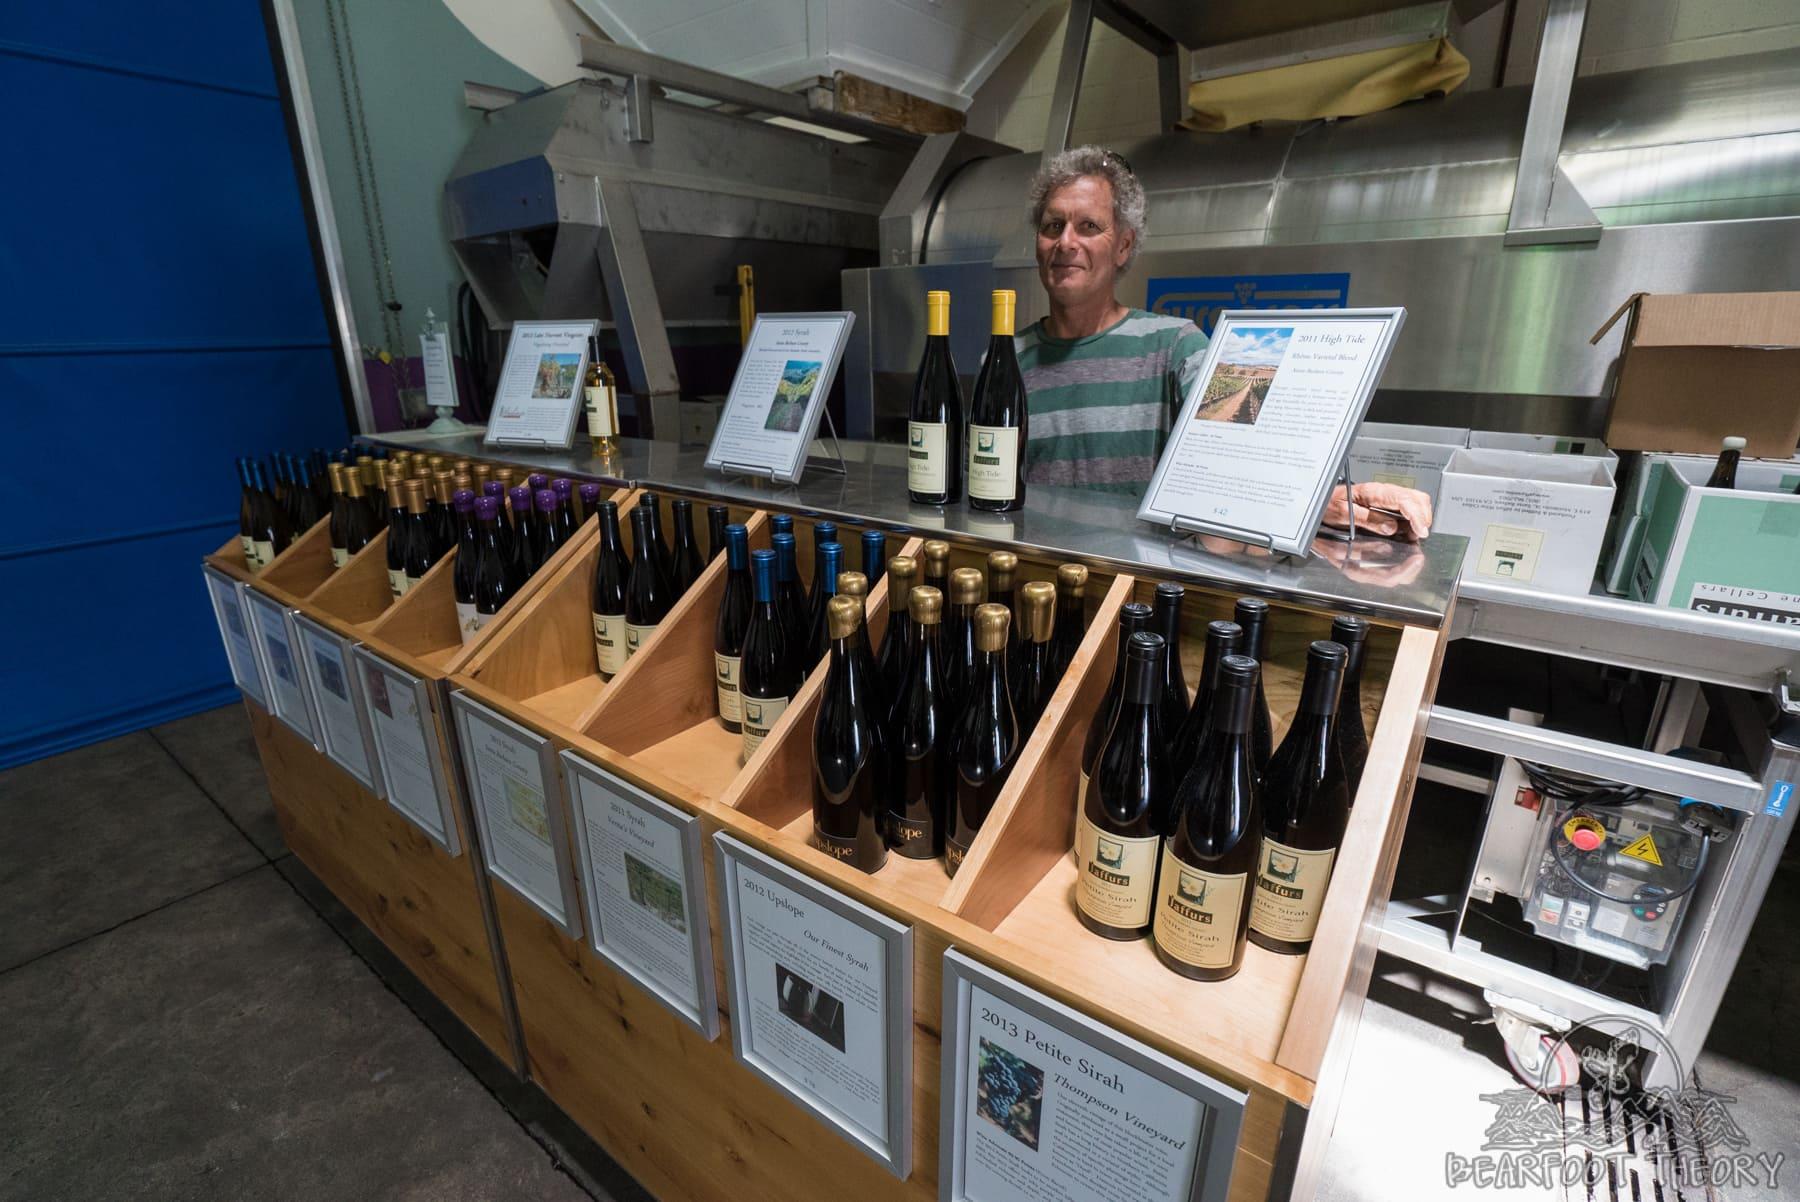 Craig Jaffurs - Owner of Jaffurs Winery - One of my favorite stops on Santa Barbara's wine trail